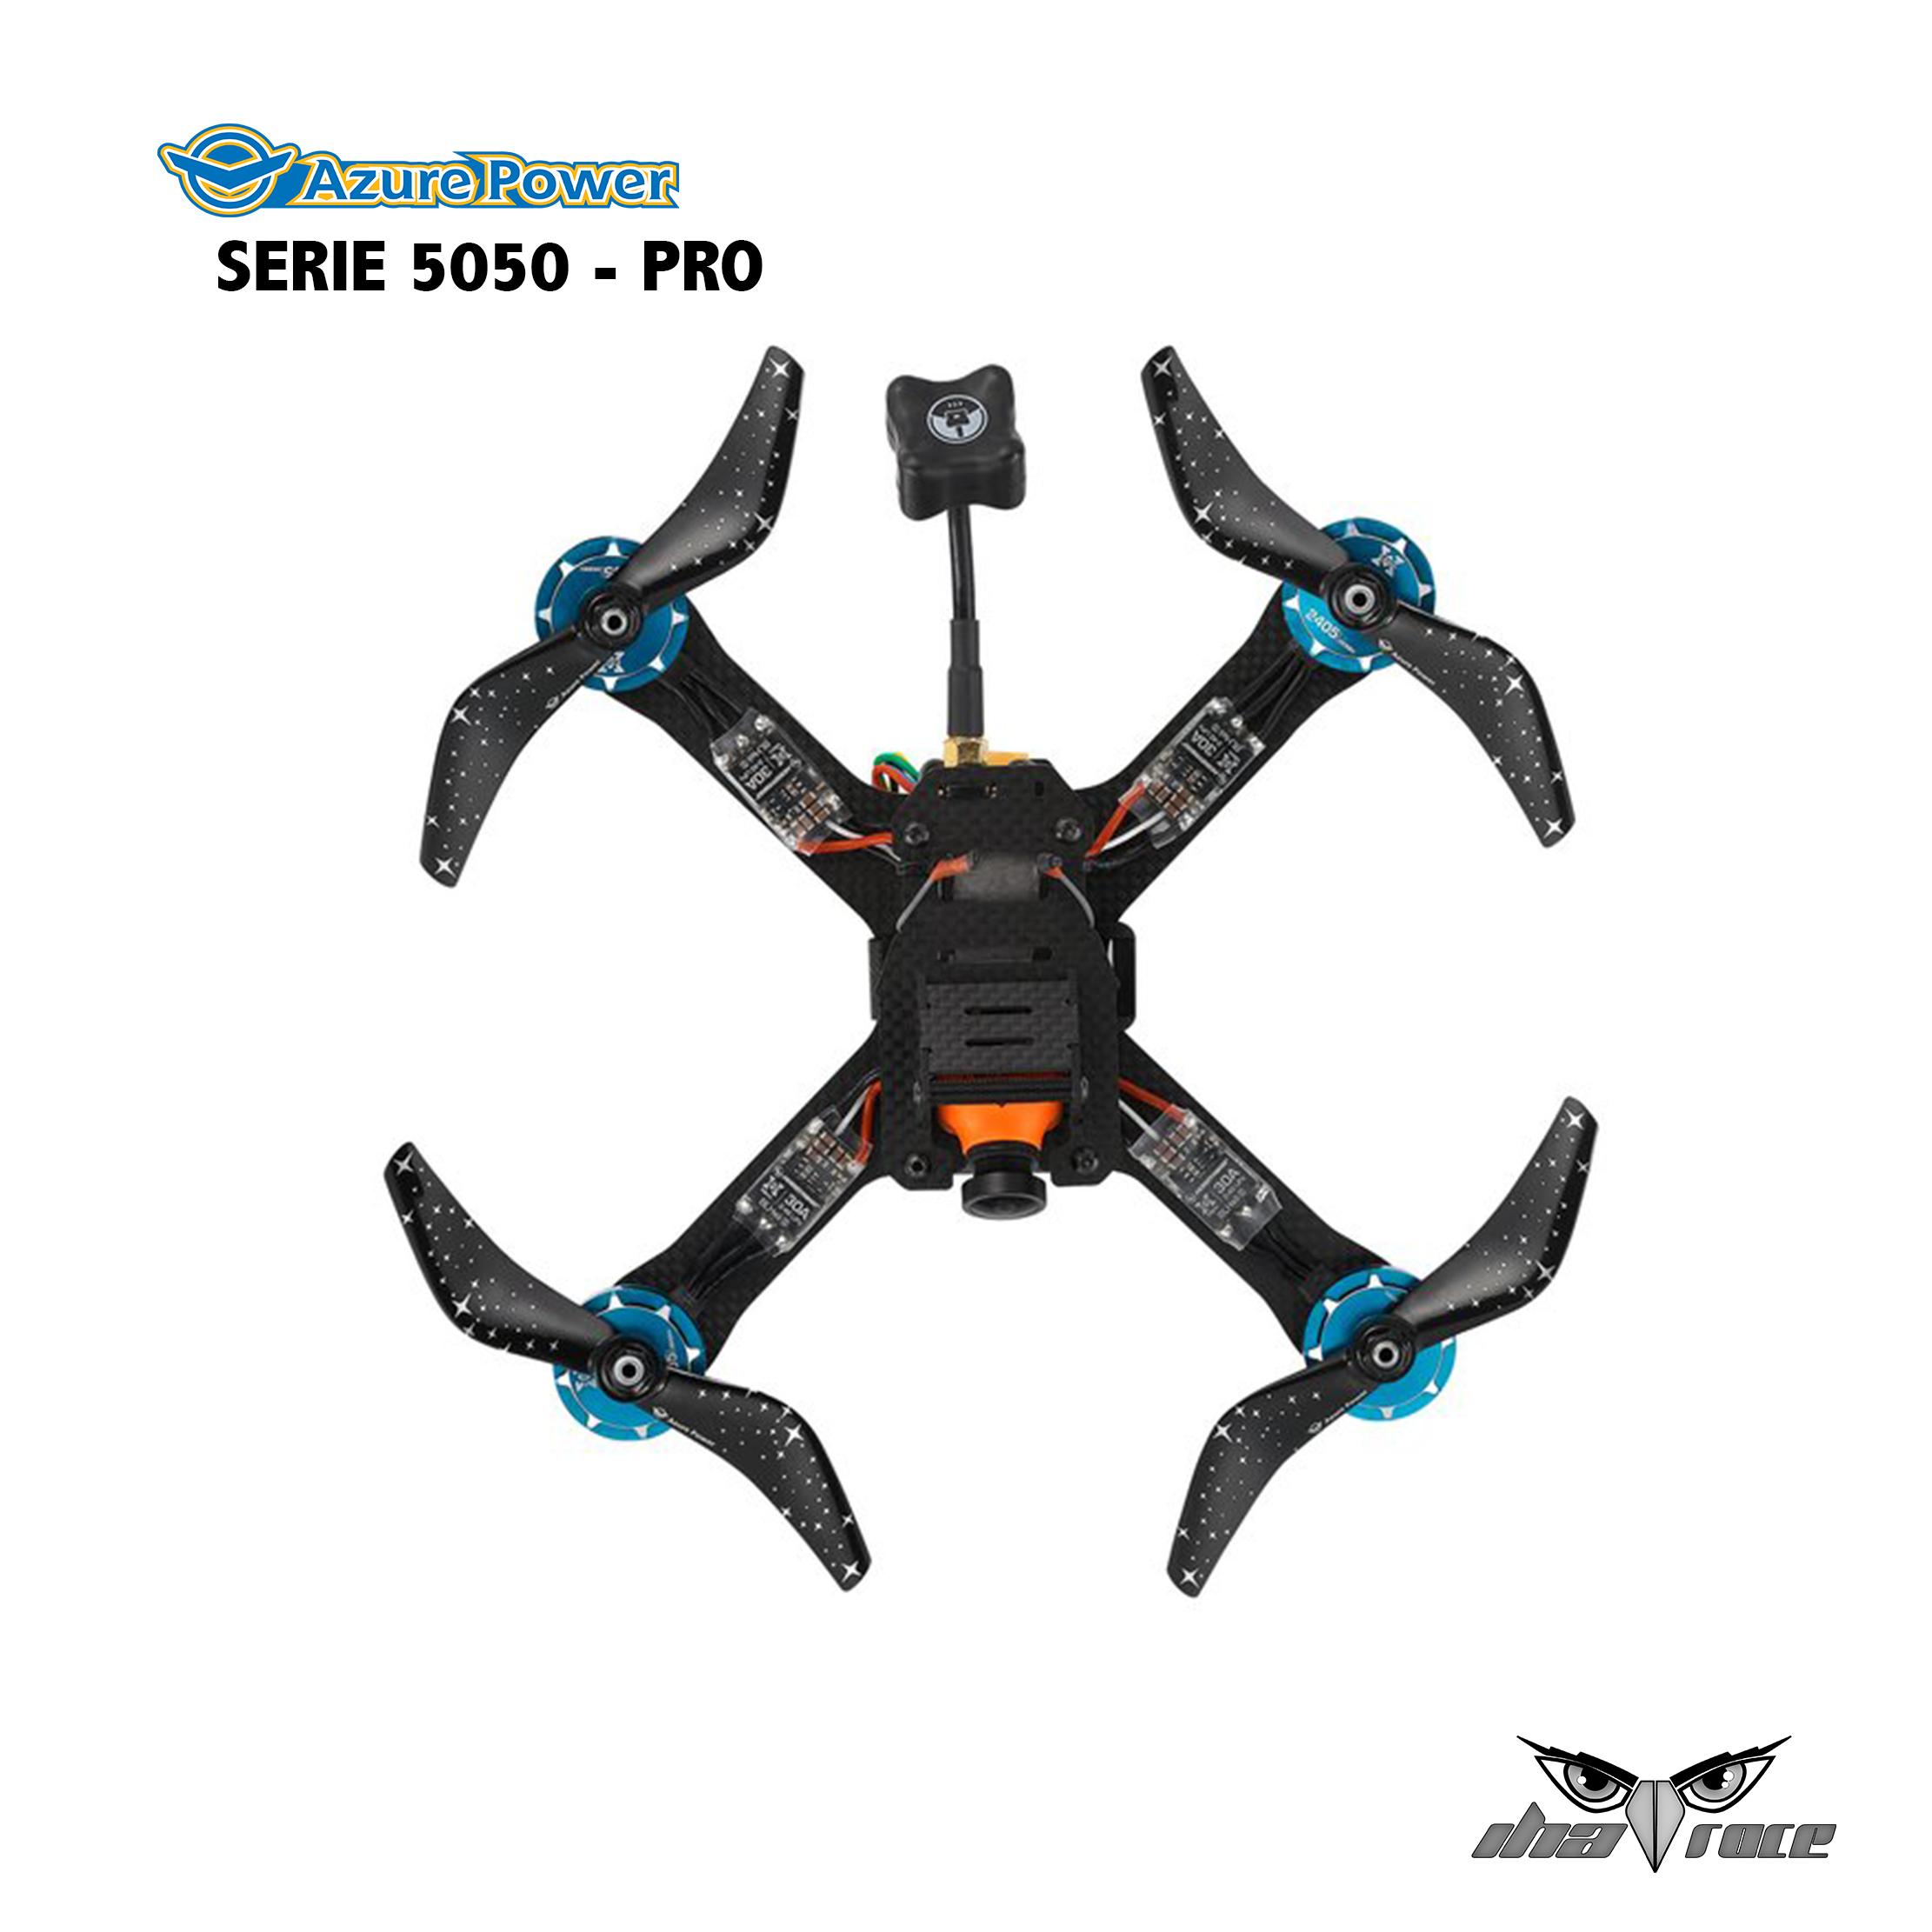 Hélices Azure Power SERIE 5050 - PRO ™ Bi-Pala